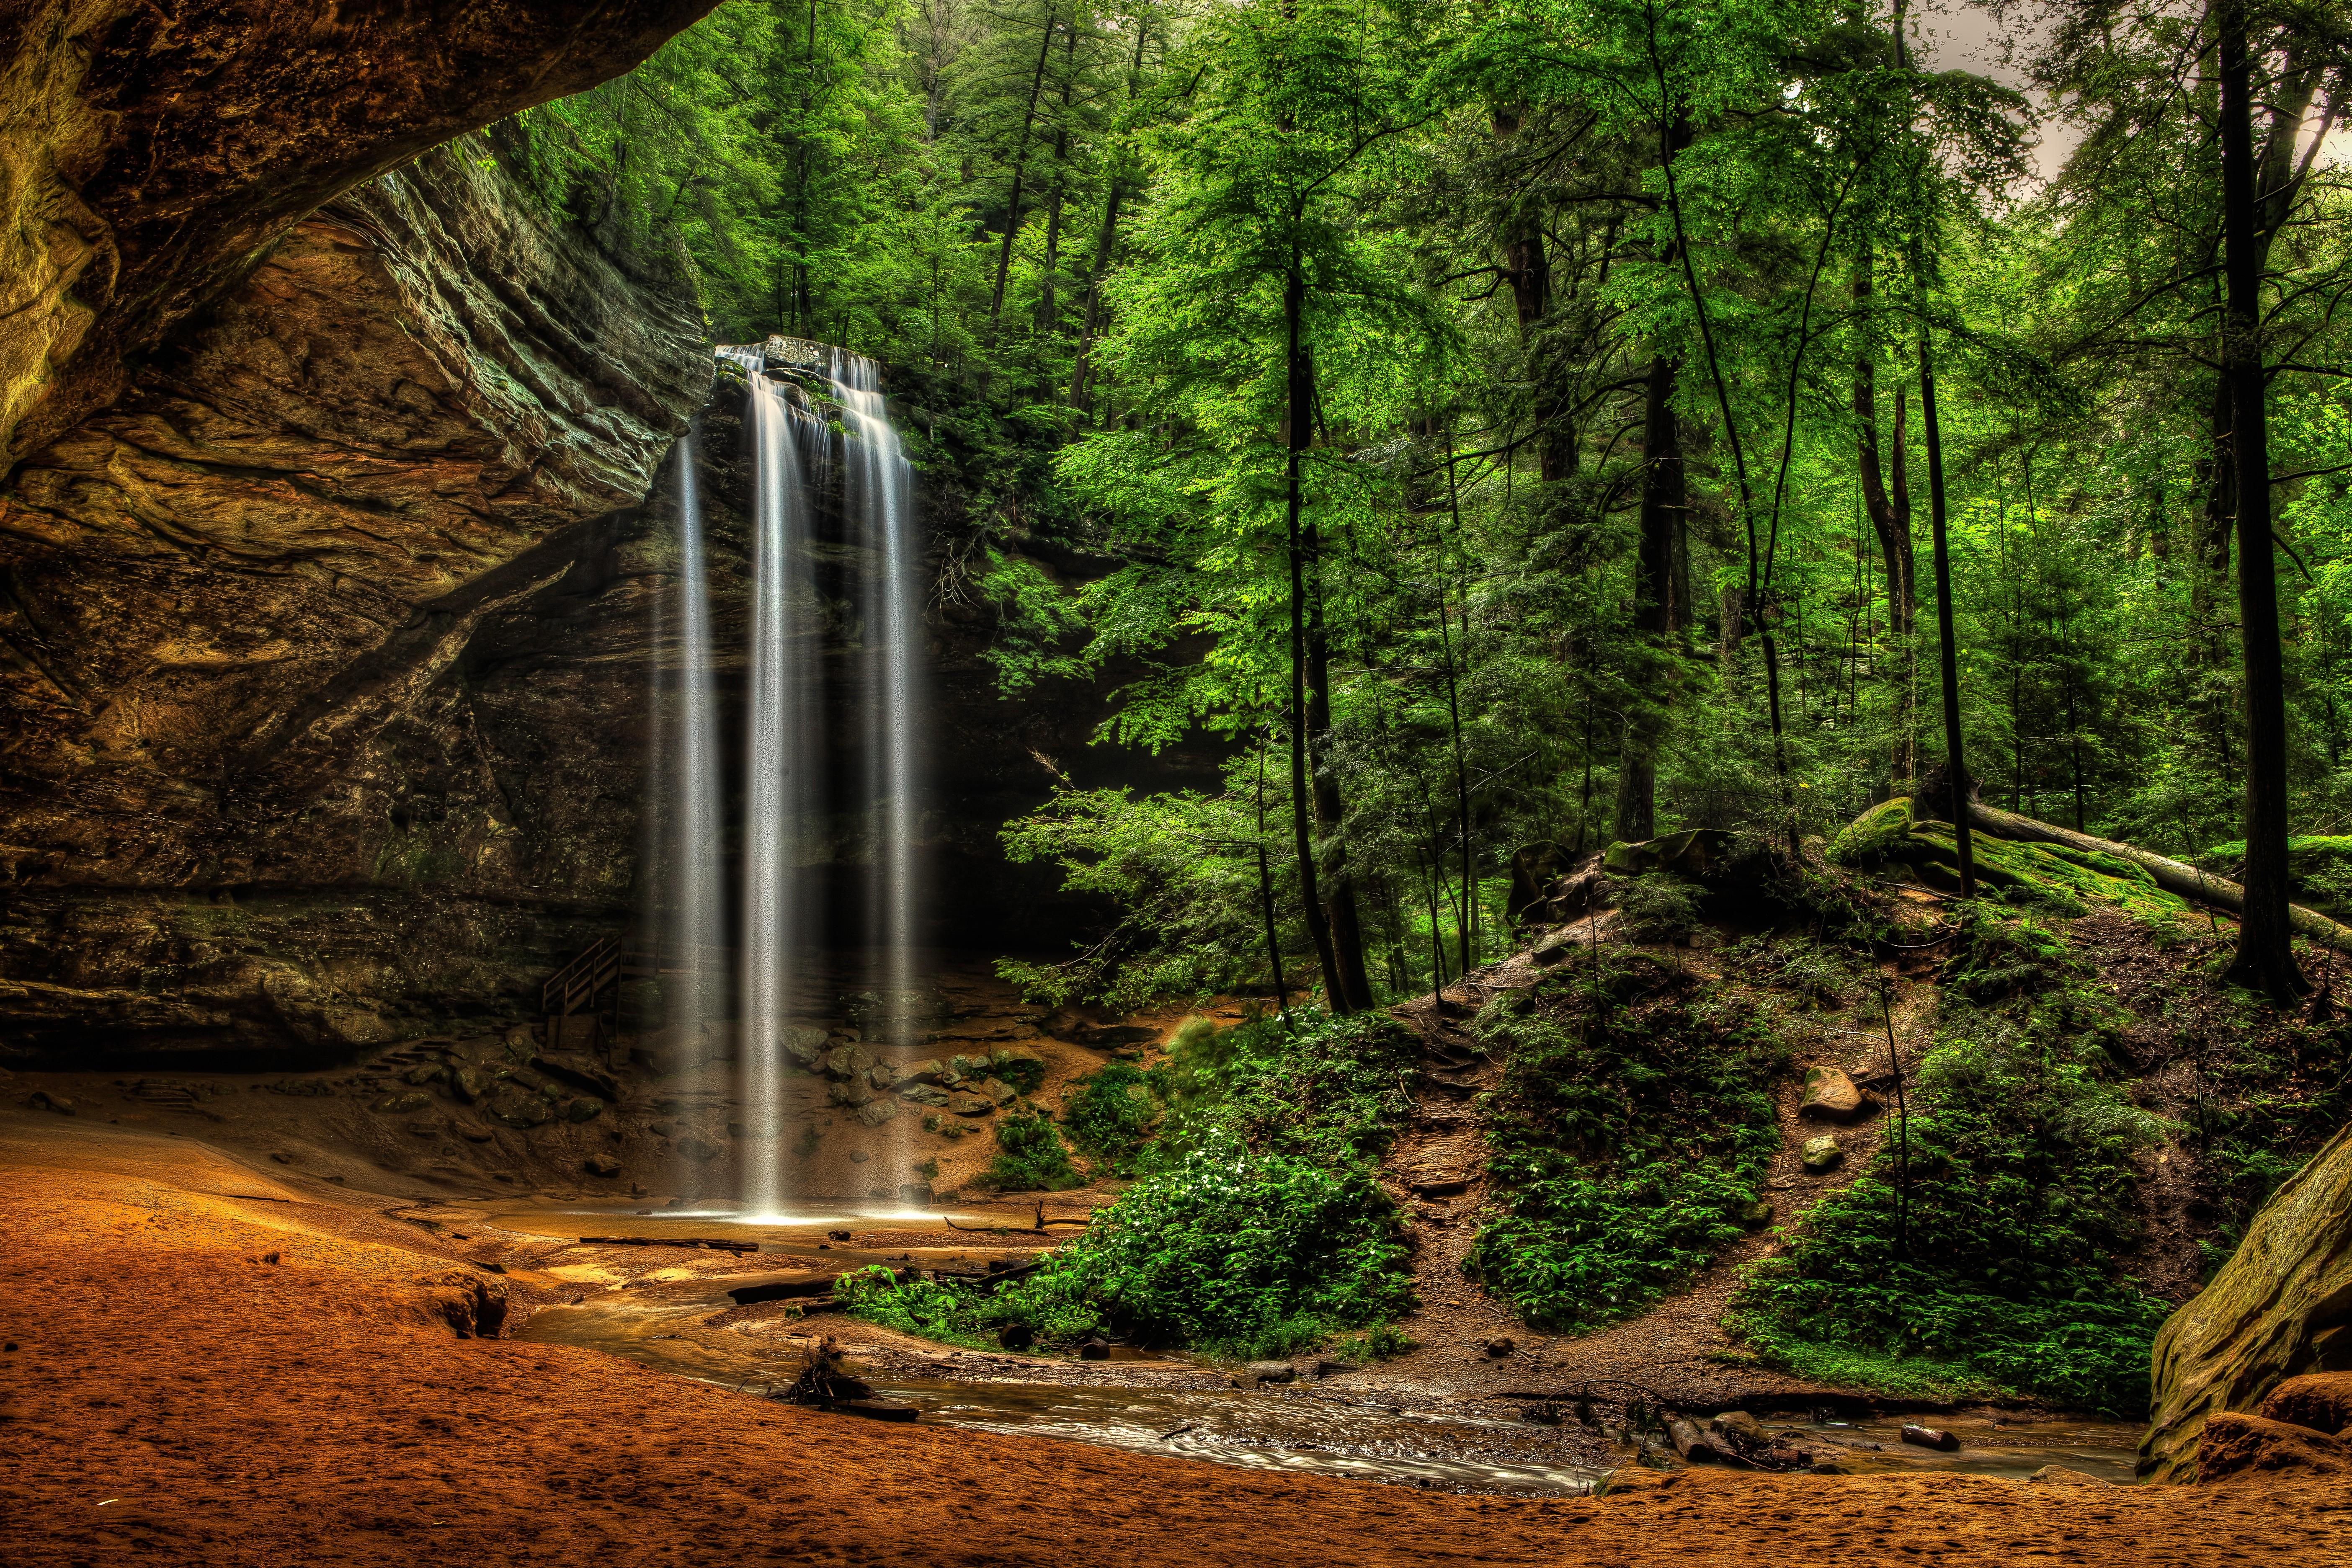 Ohio waterfalls, Hocking Hills State Park, лес